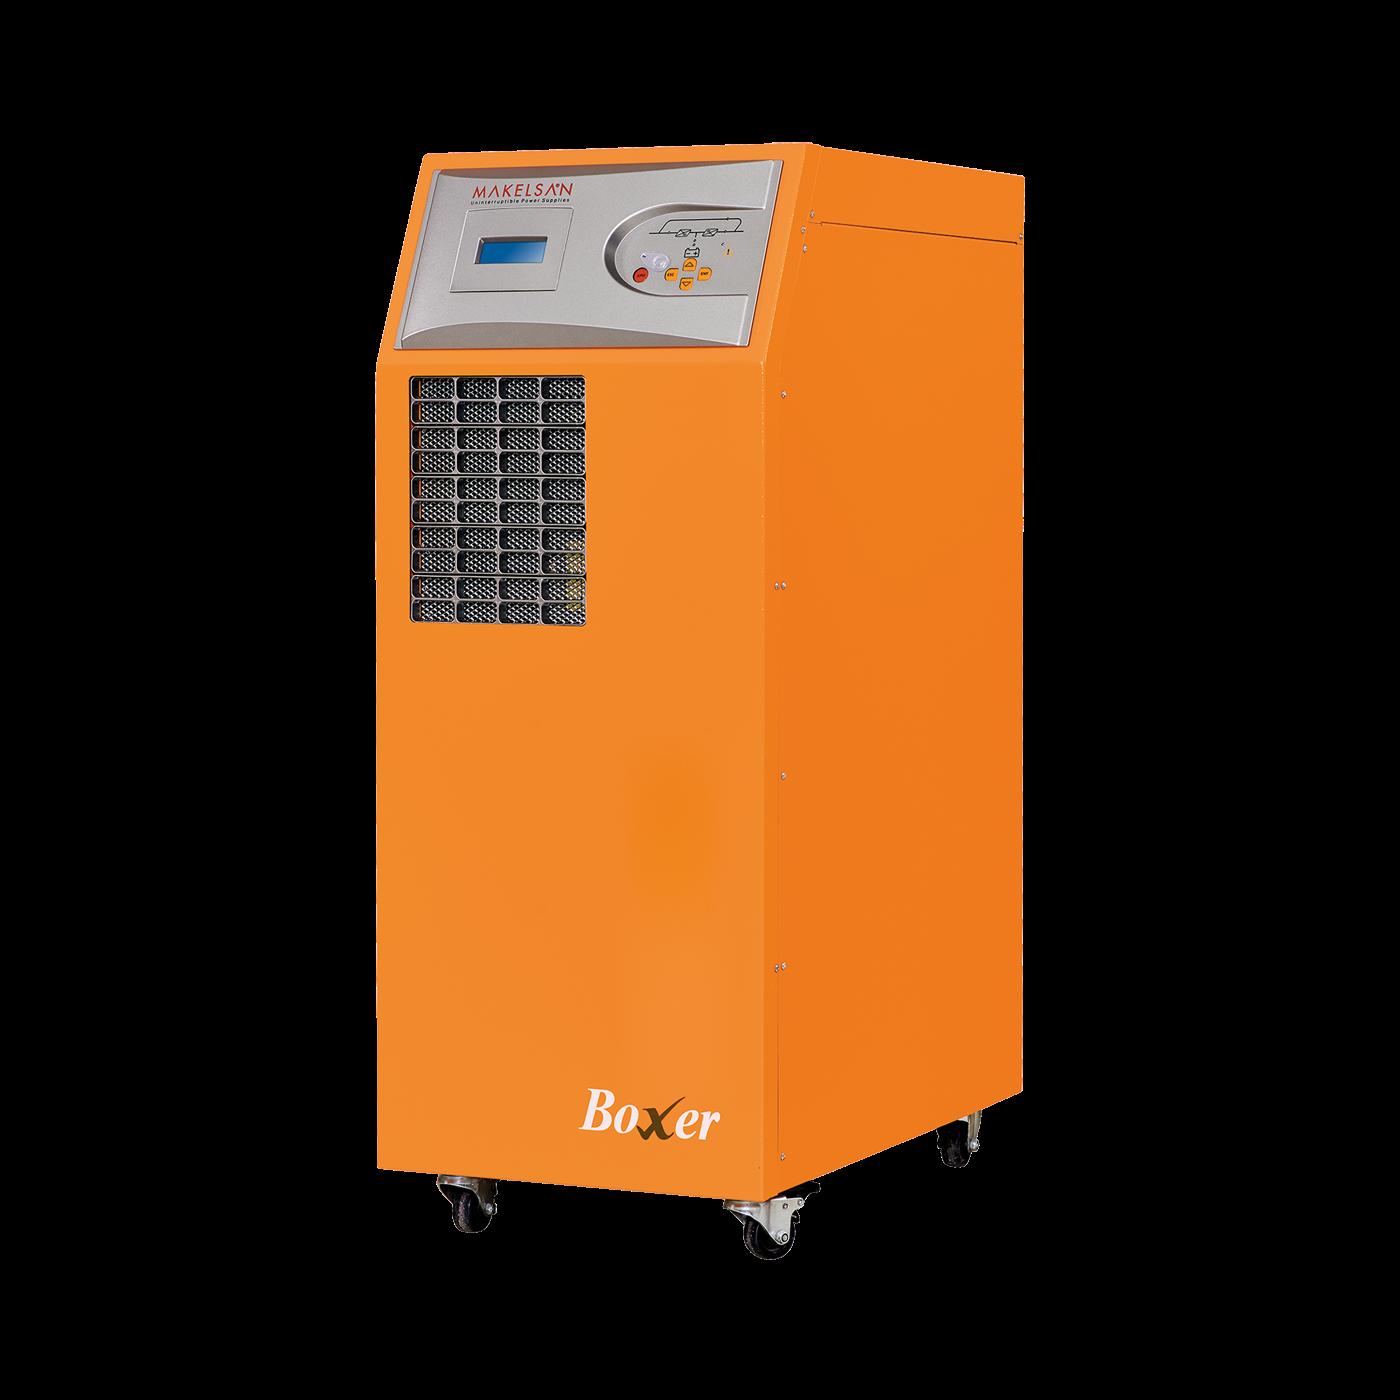 Bộ lưu điện Makelsan Boxer 20KVA (3 phase/ 3 phase)